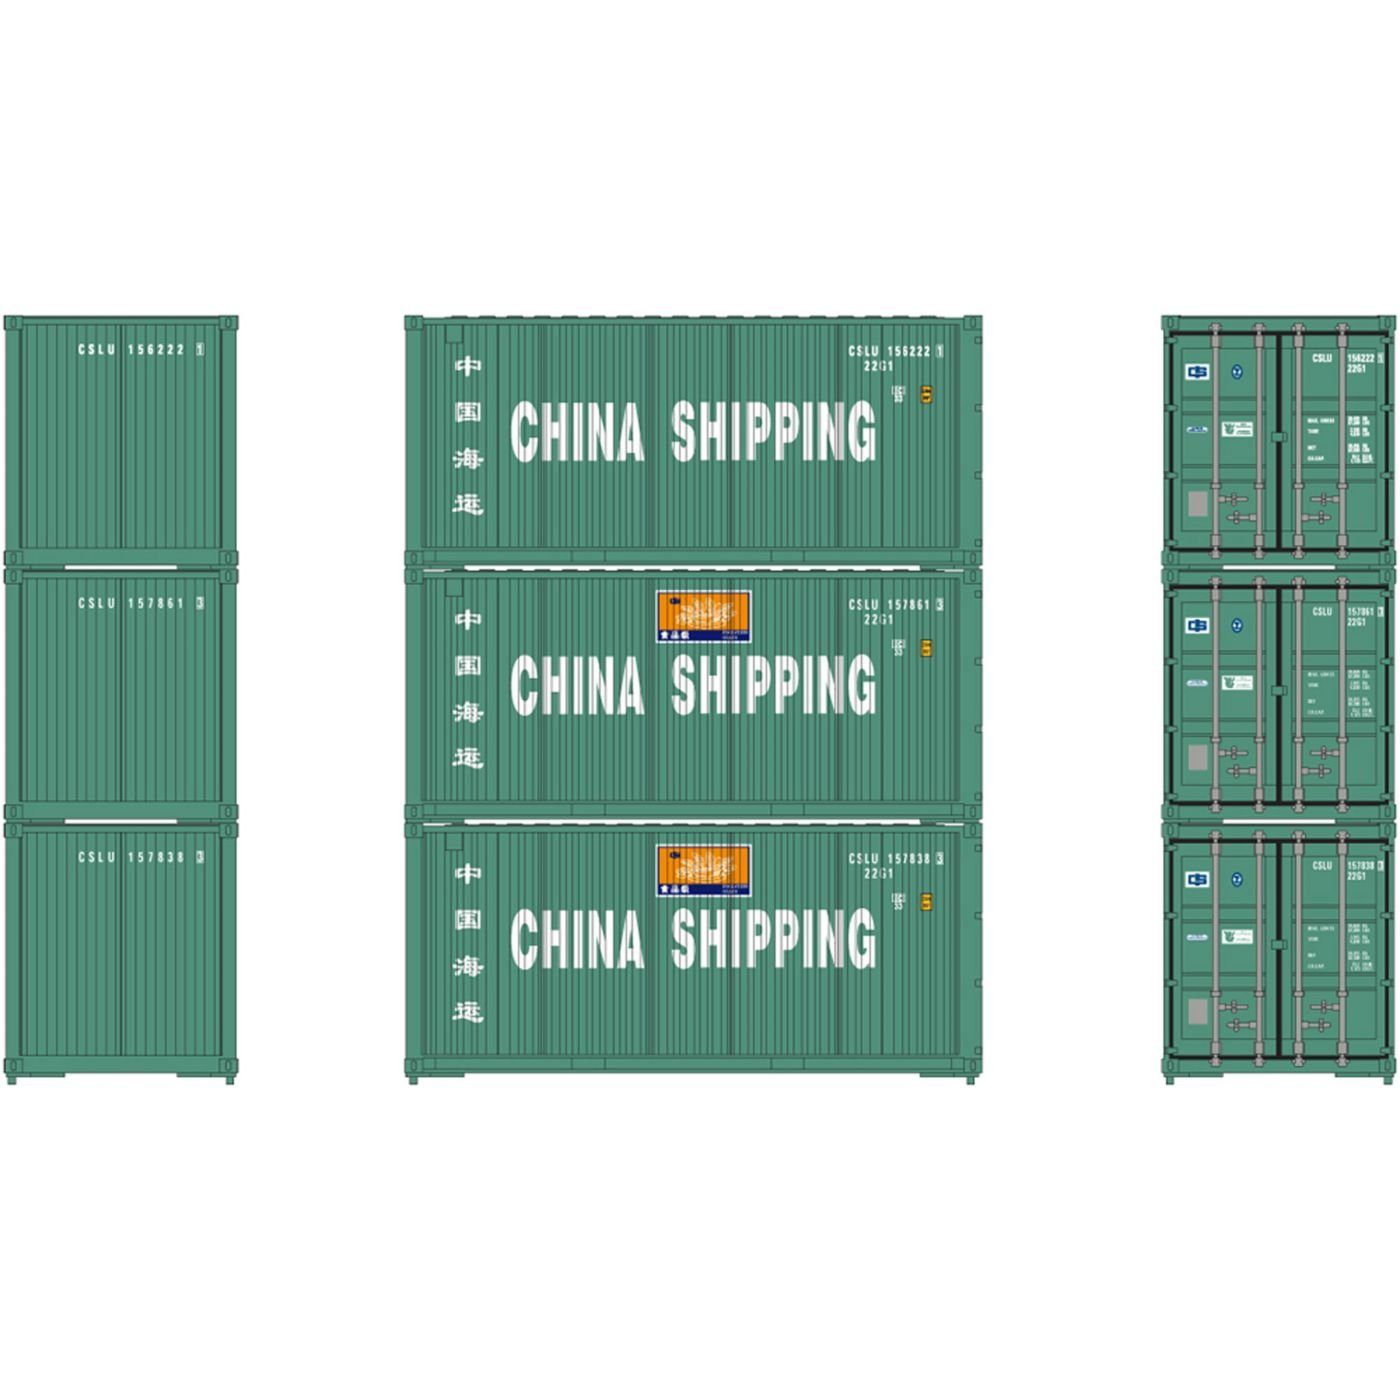 【最安値挑戦】 Ho B0768GBDWC Shipping RTR 20 (3 'ベベルコンテナChina Shipping (3 ) B0768GBDWC, 口和町:4de8f693 --- a0267596.xsph.ru